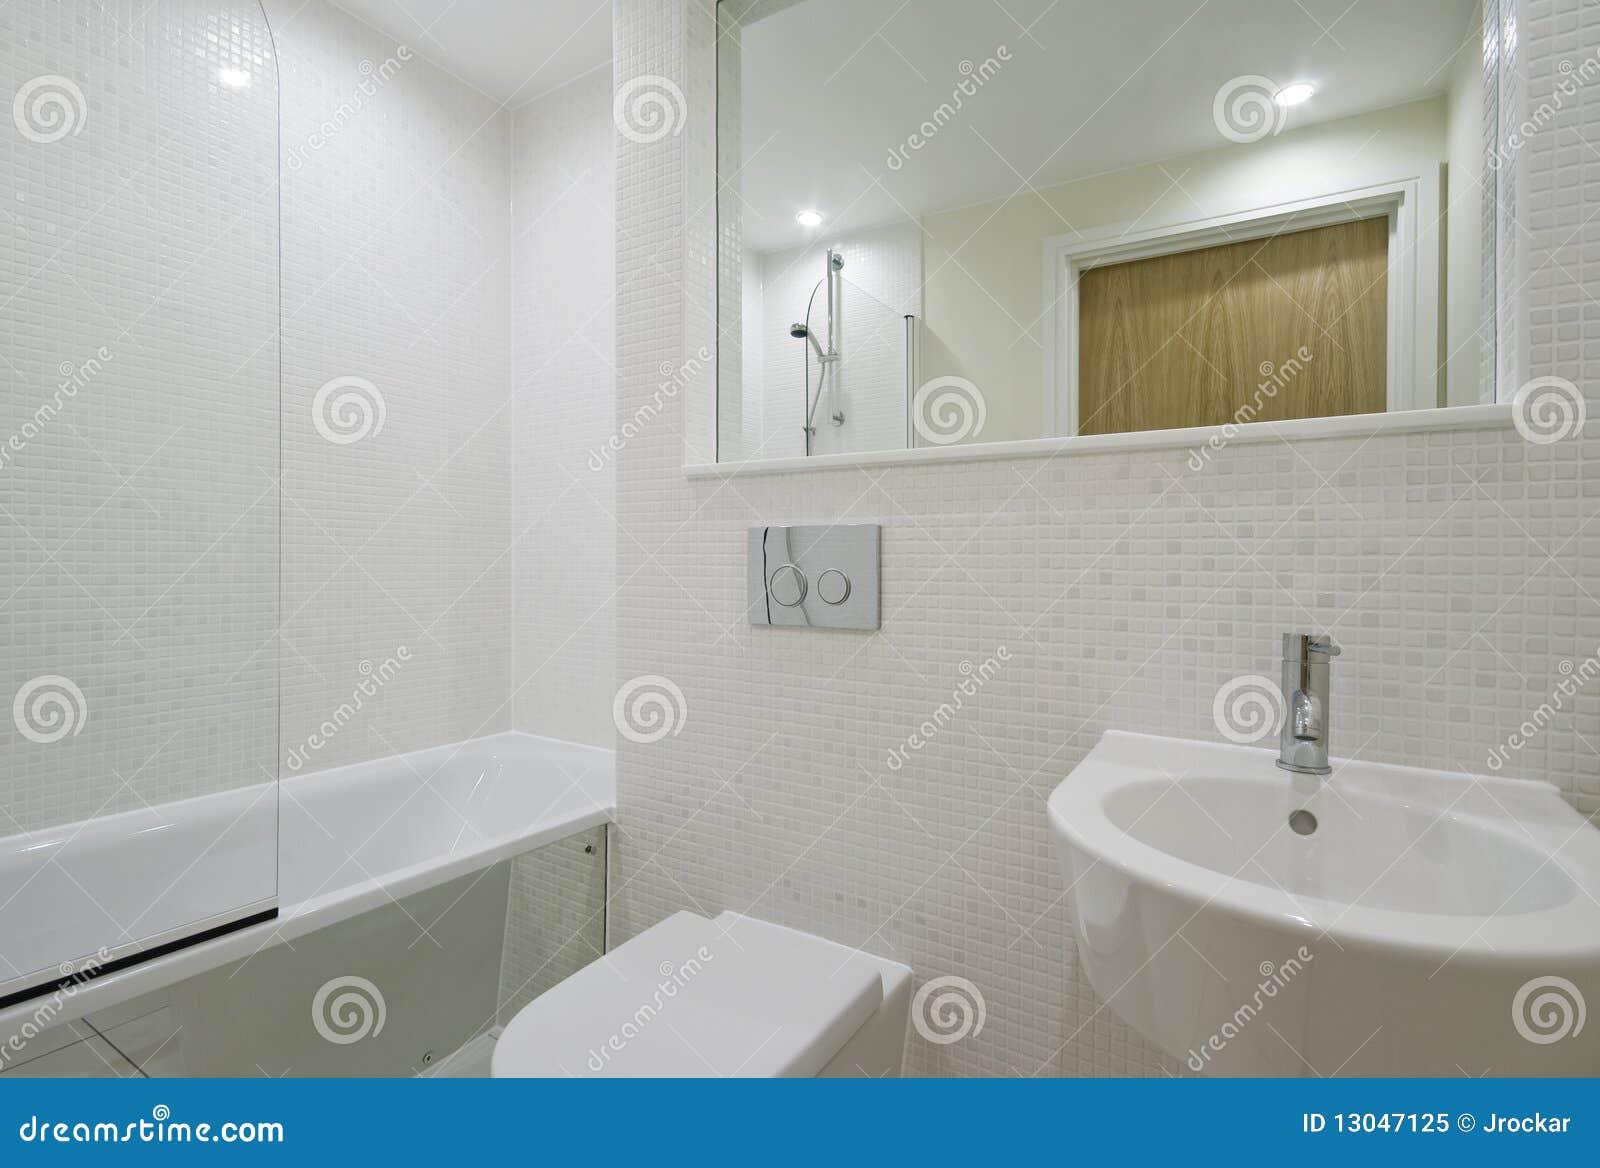 Stanza da bagno bianca immagine stock. Immagine di miscelatore - 13047125